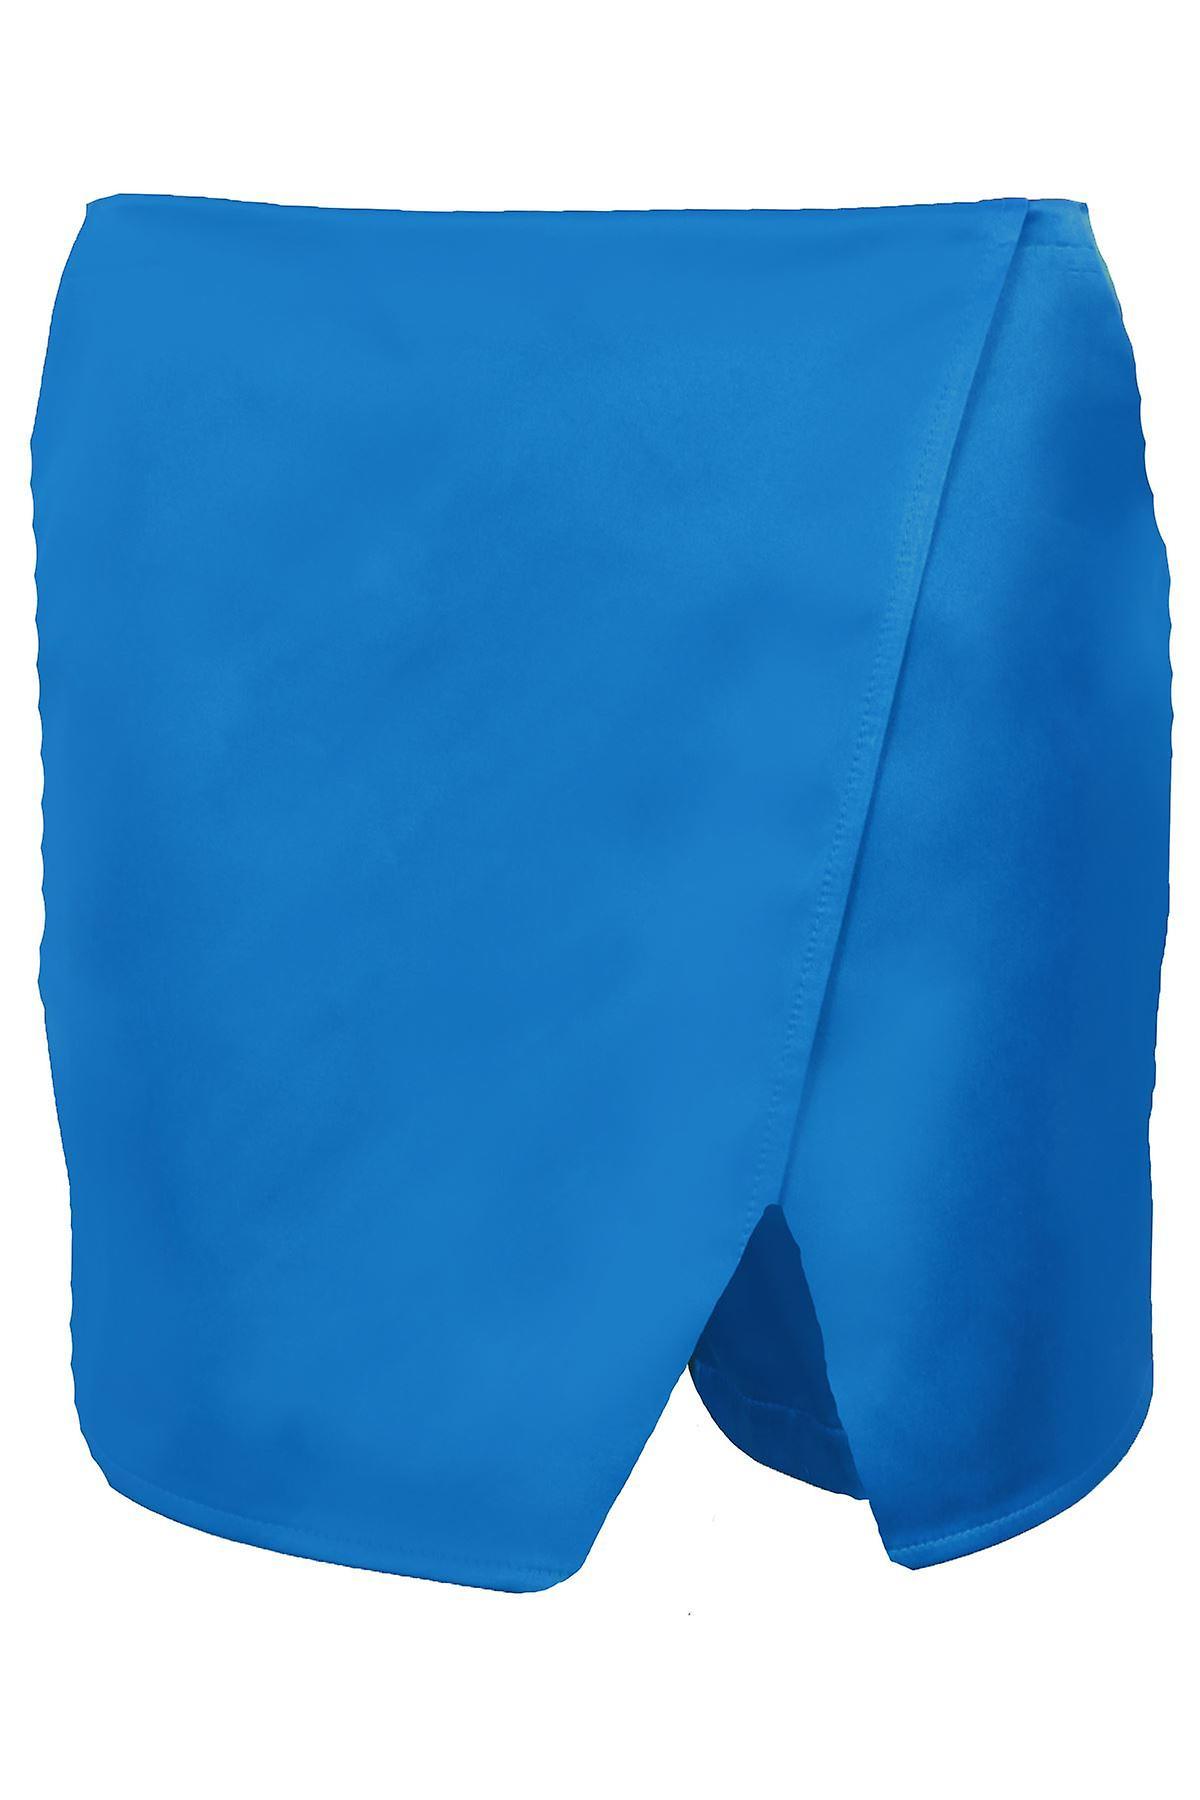 Hyvät Wrap märkä näyttää pelkkää naisten puolueen rento minihame shortsit housuhame Skort